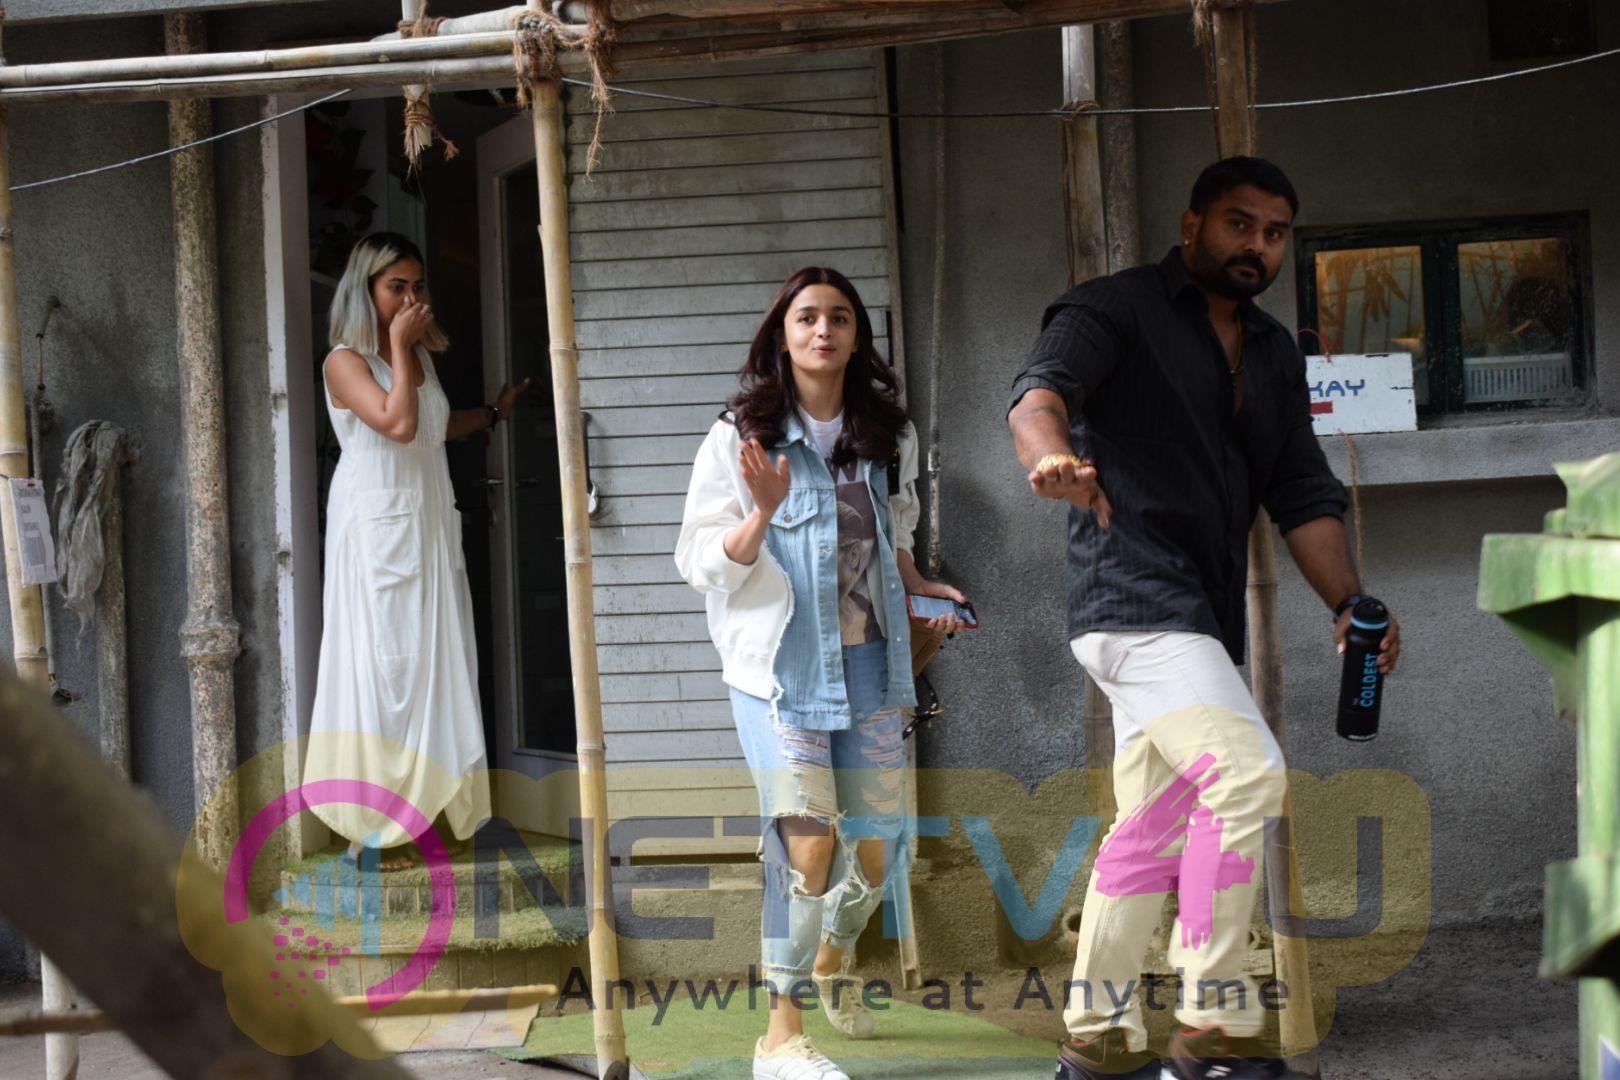 Alia Bhatt Came To Kromakay Salon